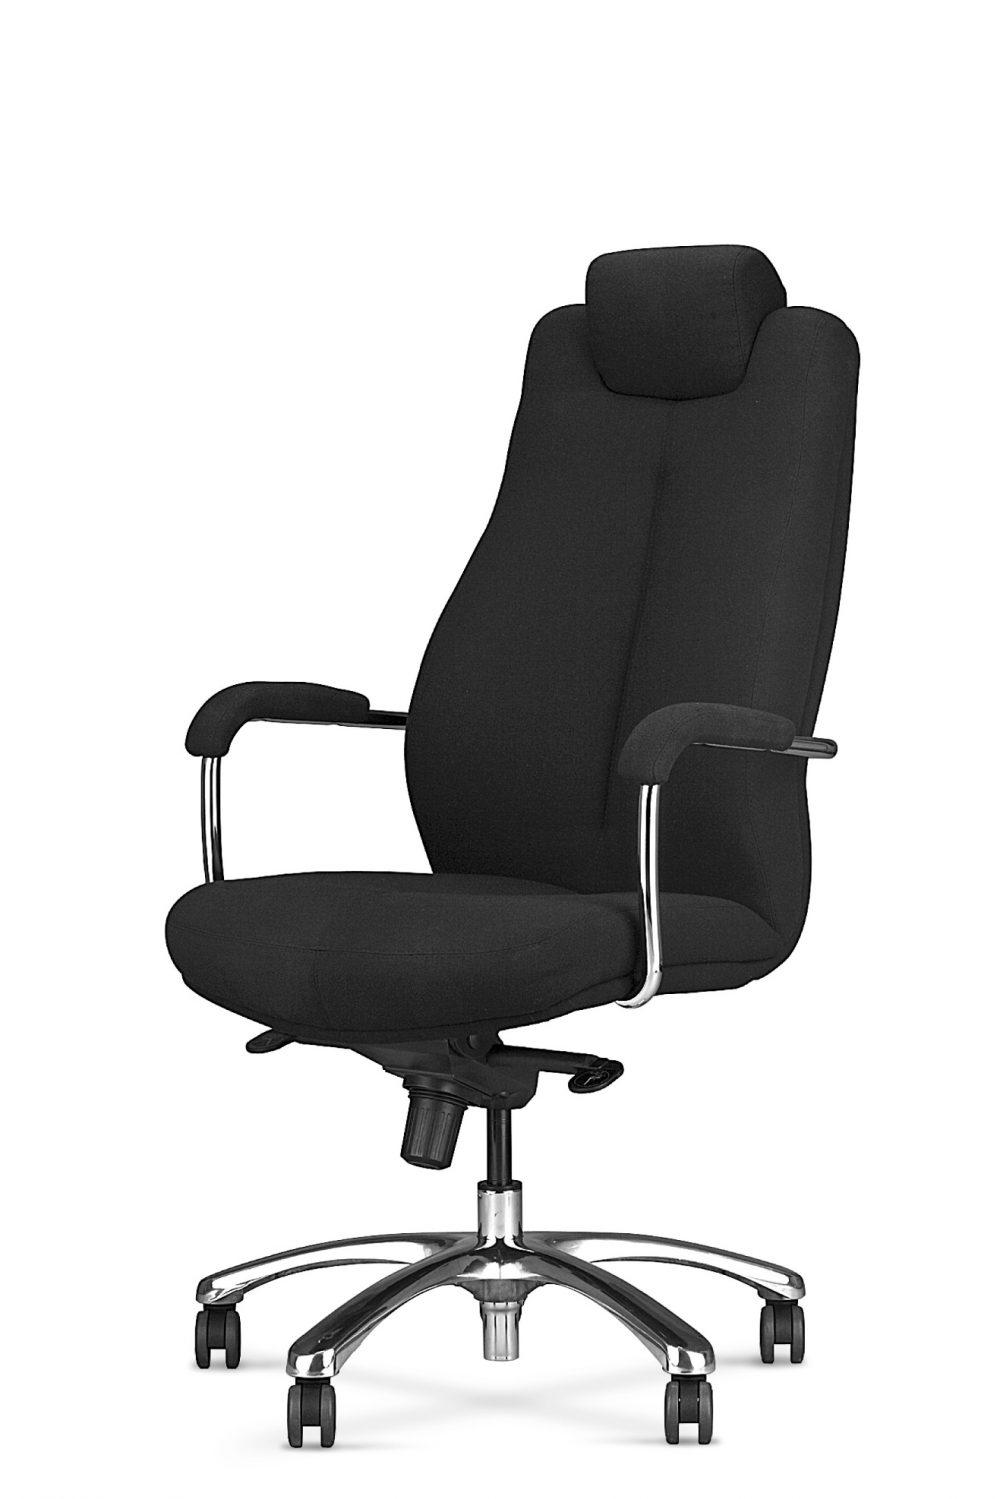 kėdės, namų biuras, namų kėdė, biuro baldai, ofiso baldai, darbo baldai, A klasės biuras, kėdė prie kompiuterio, paauglio kėdė, vaiko kėdė, kėdė prie rašomojo stalo, biuro kėdė 24 val. sėdėjimui, kede ilgam sedejimui, kėdė atspari trinčiai,